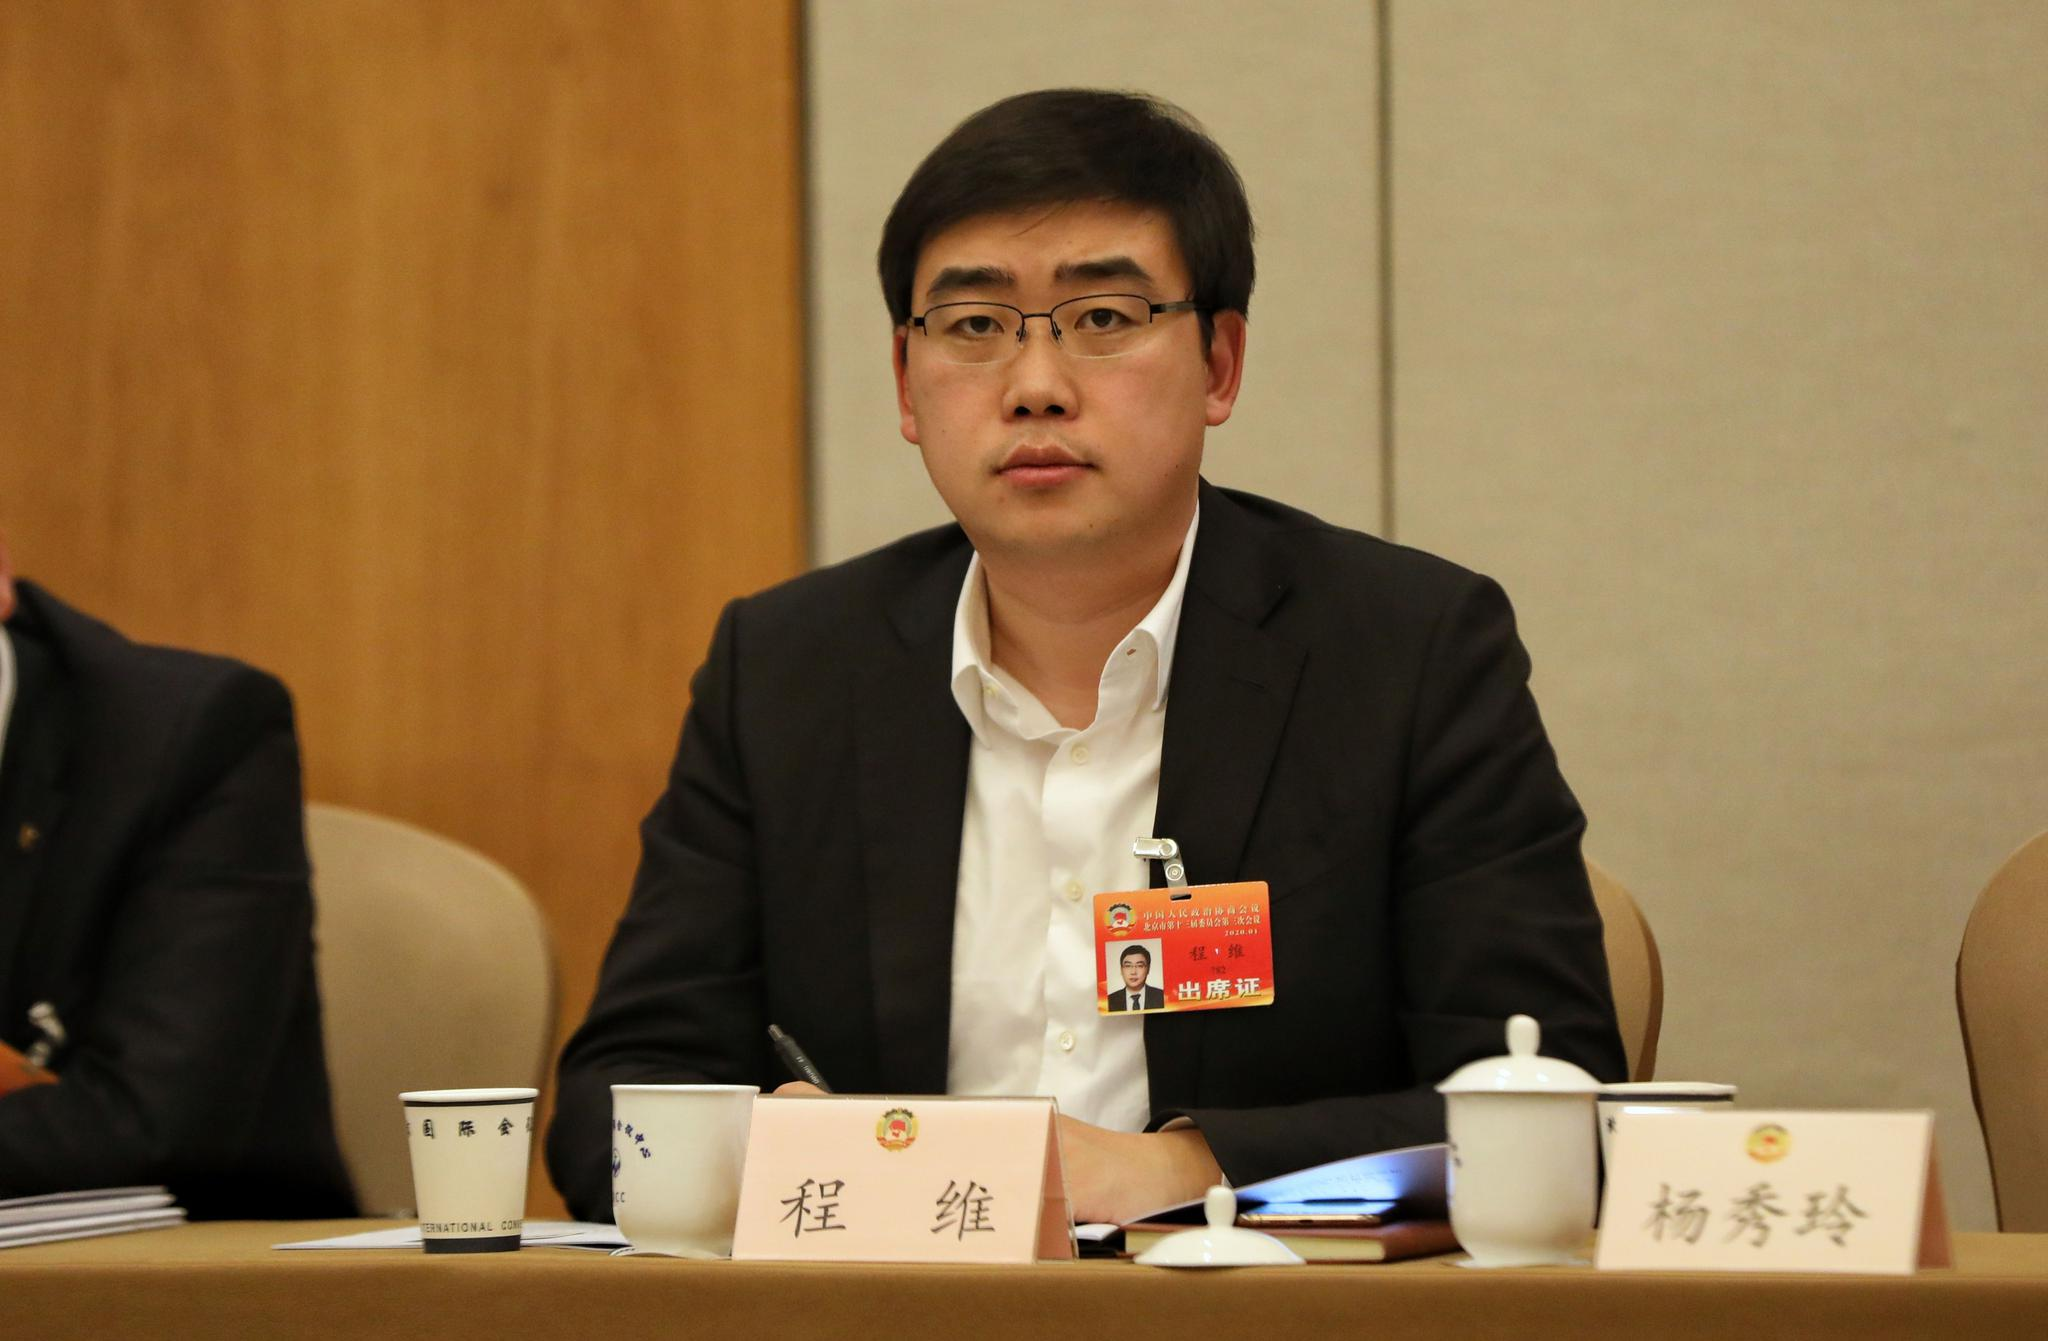 政协委员程维:交通新业态可以更多参与城市治理规划图片